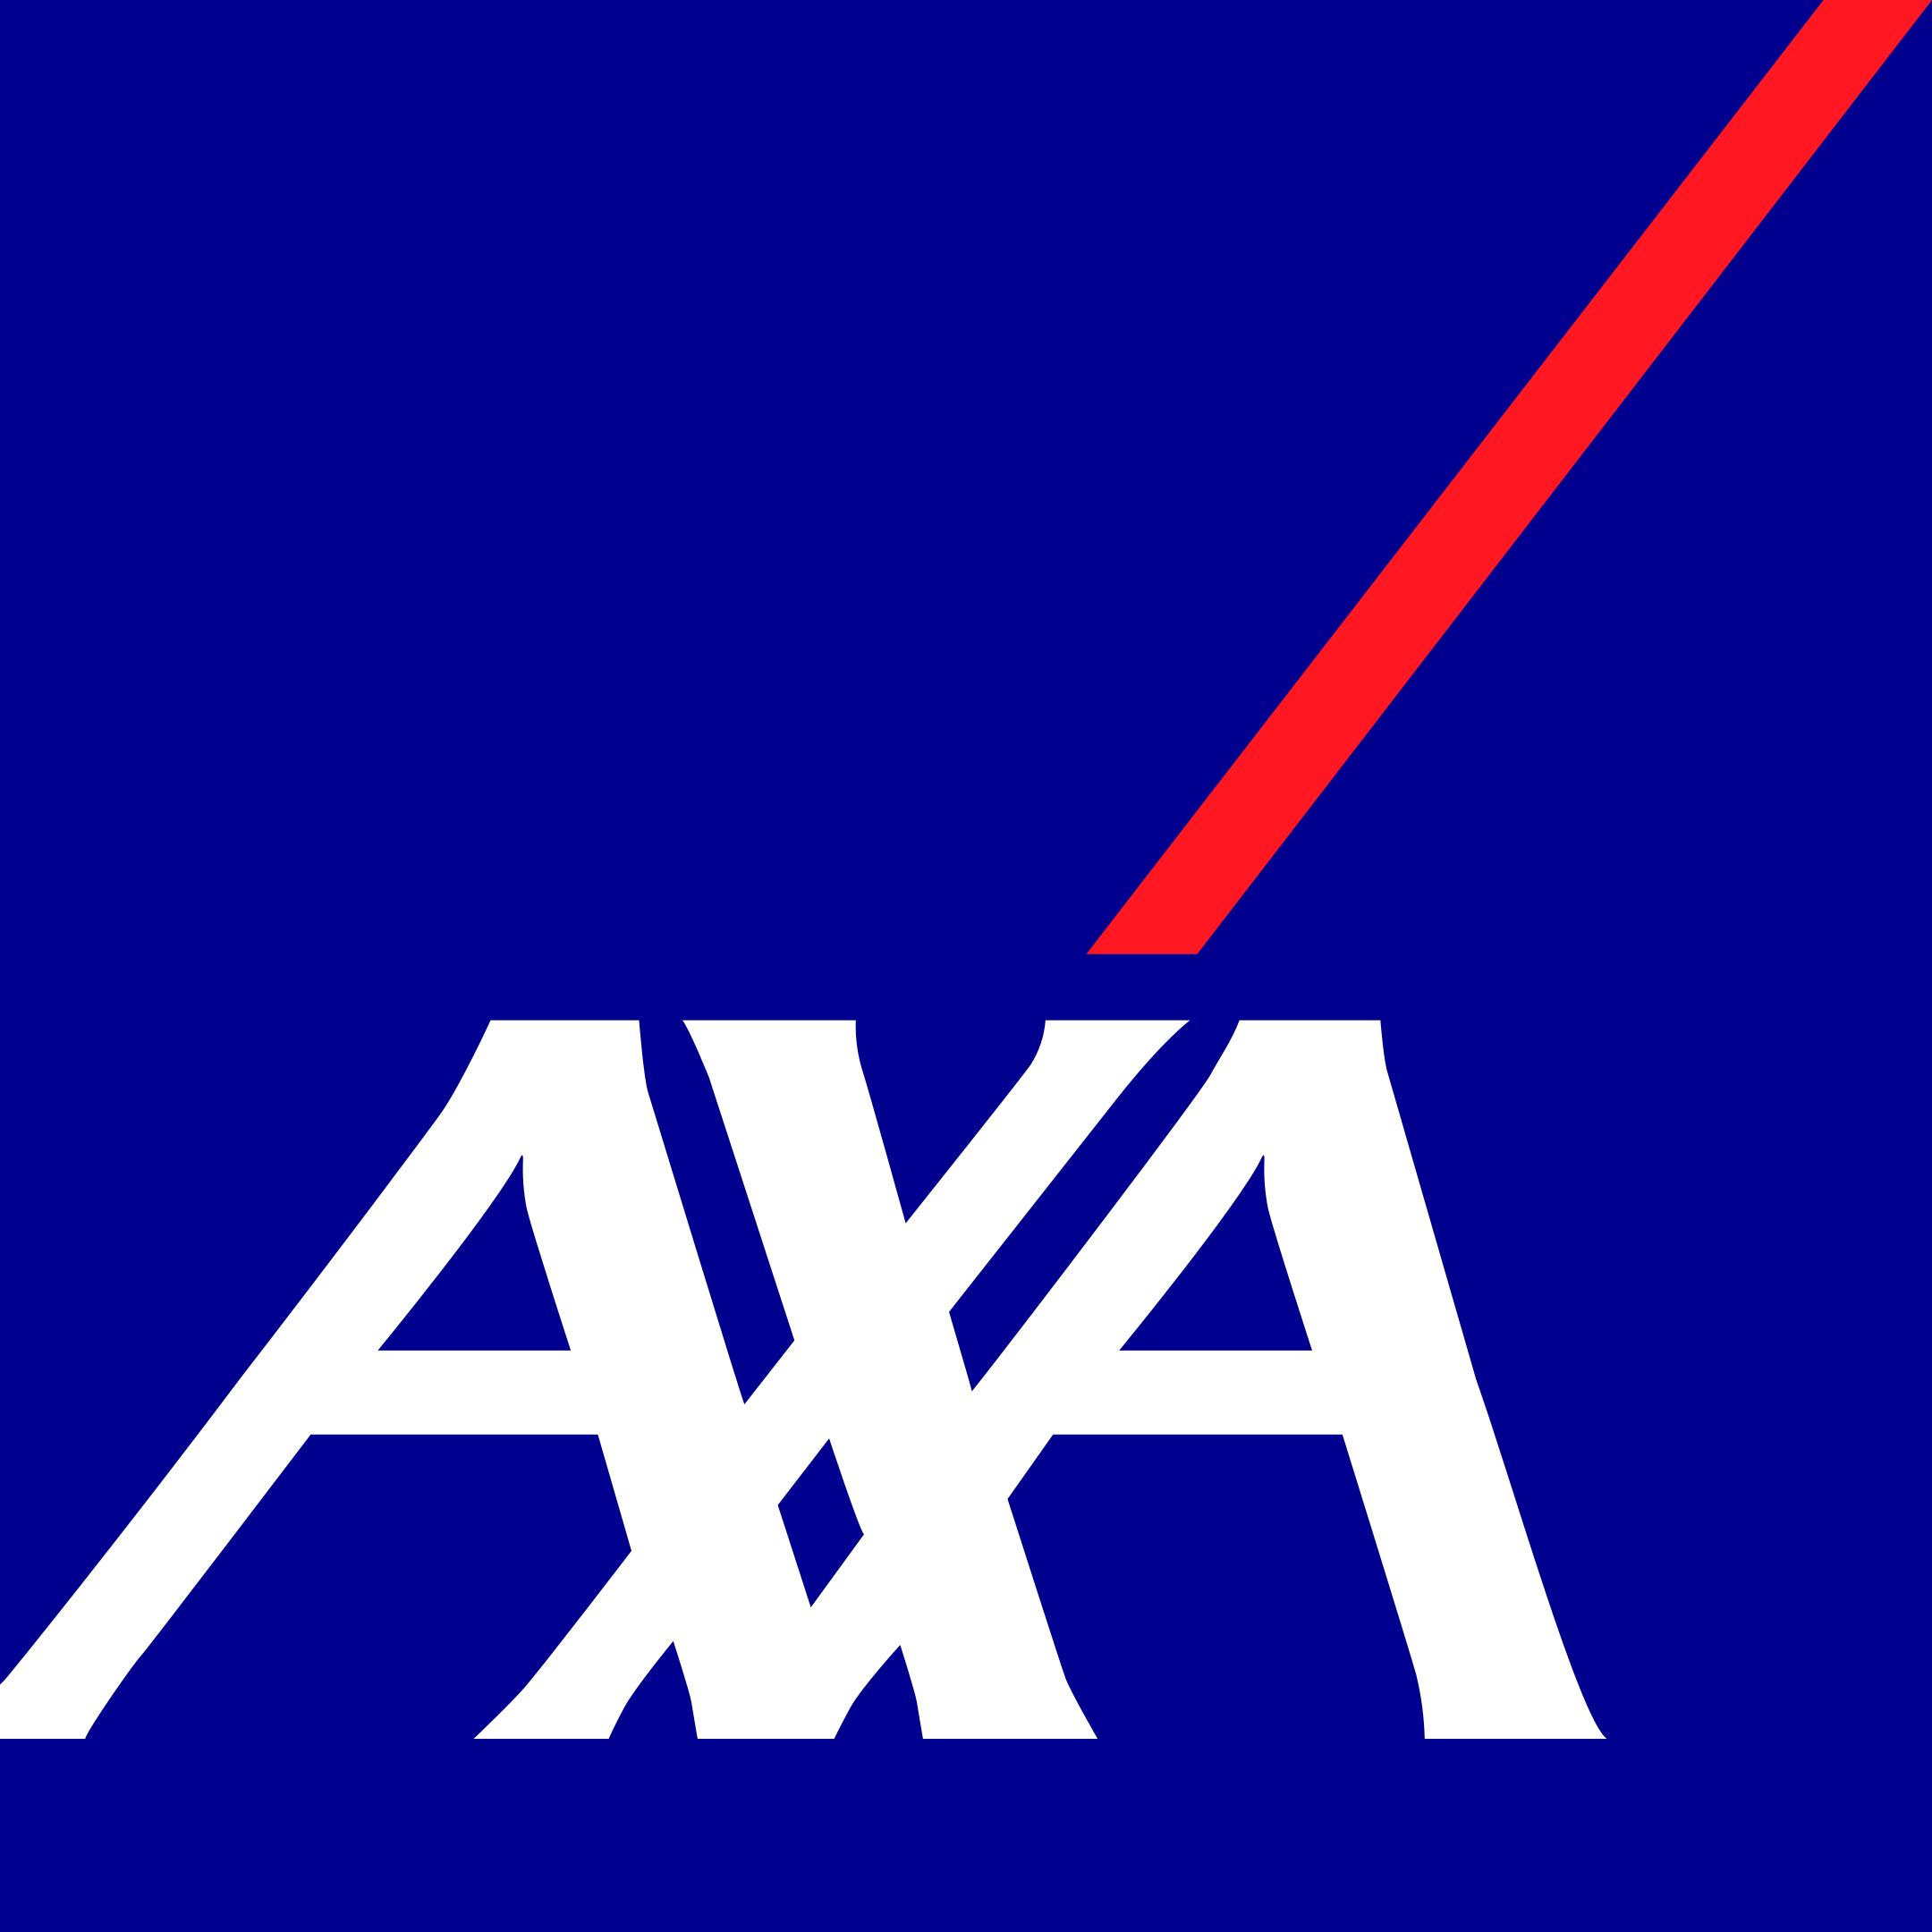 axa logo 1 - AXA Logo